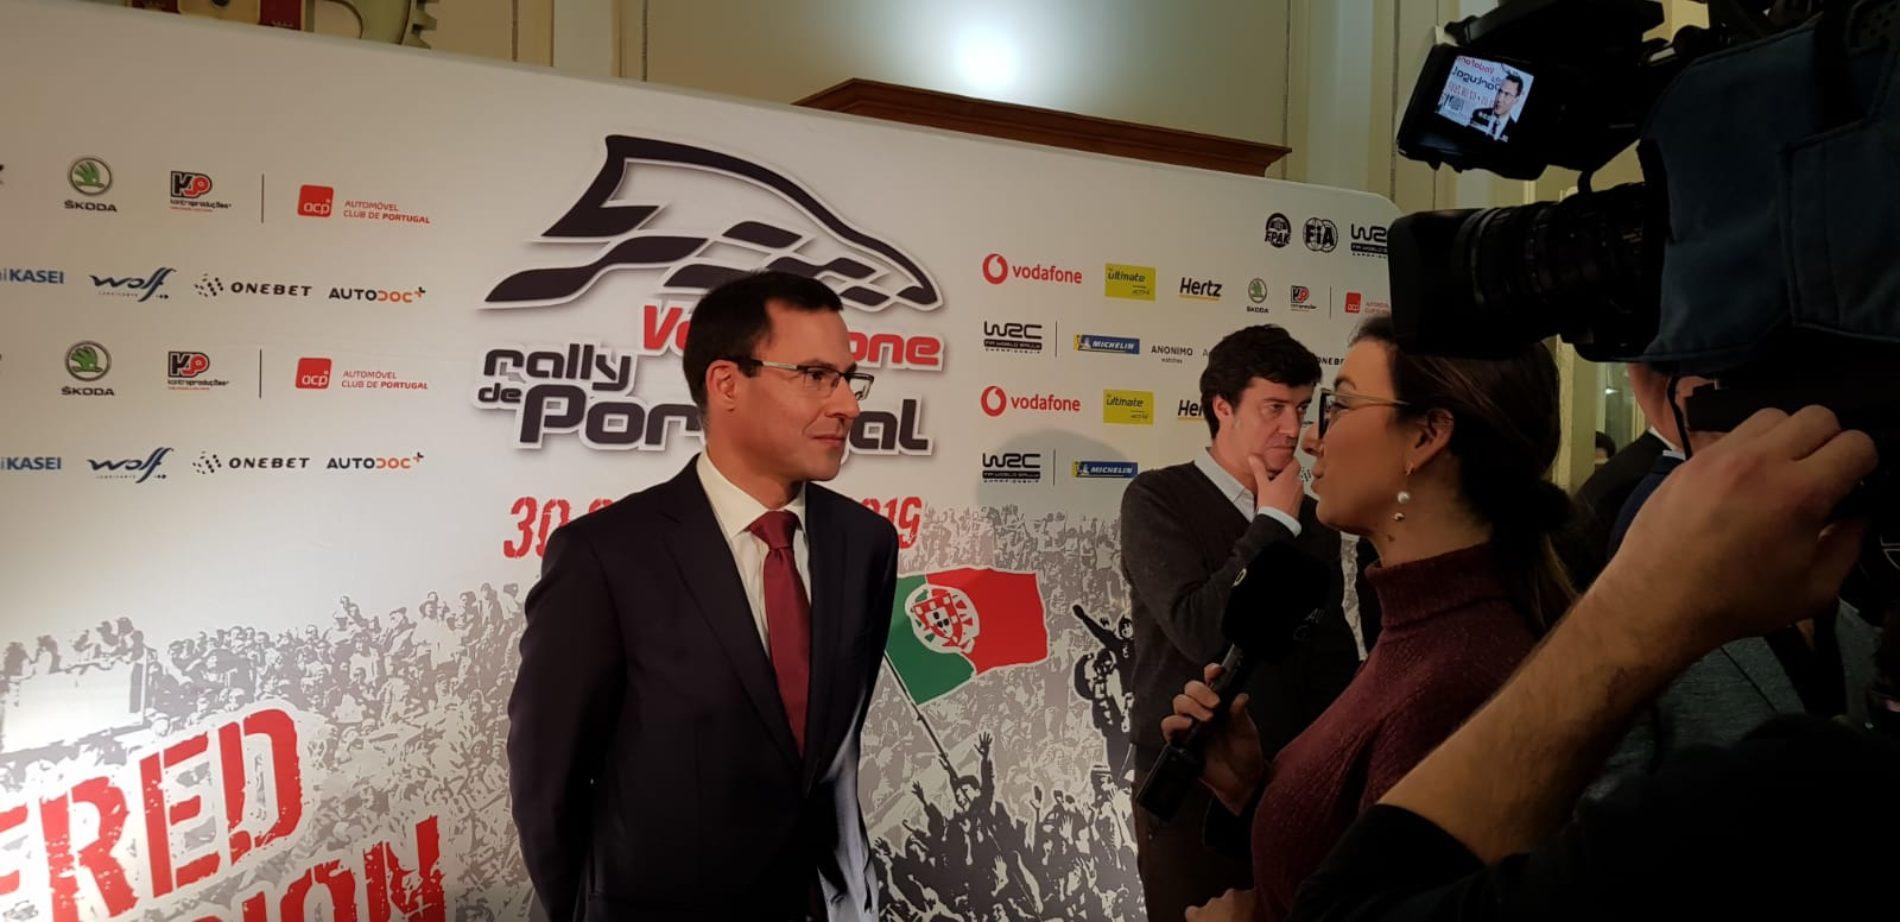 Rally de Portugal regressa a Arganil 18 anos depois